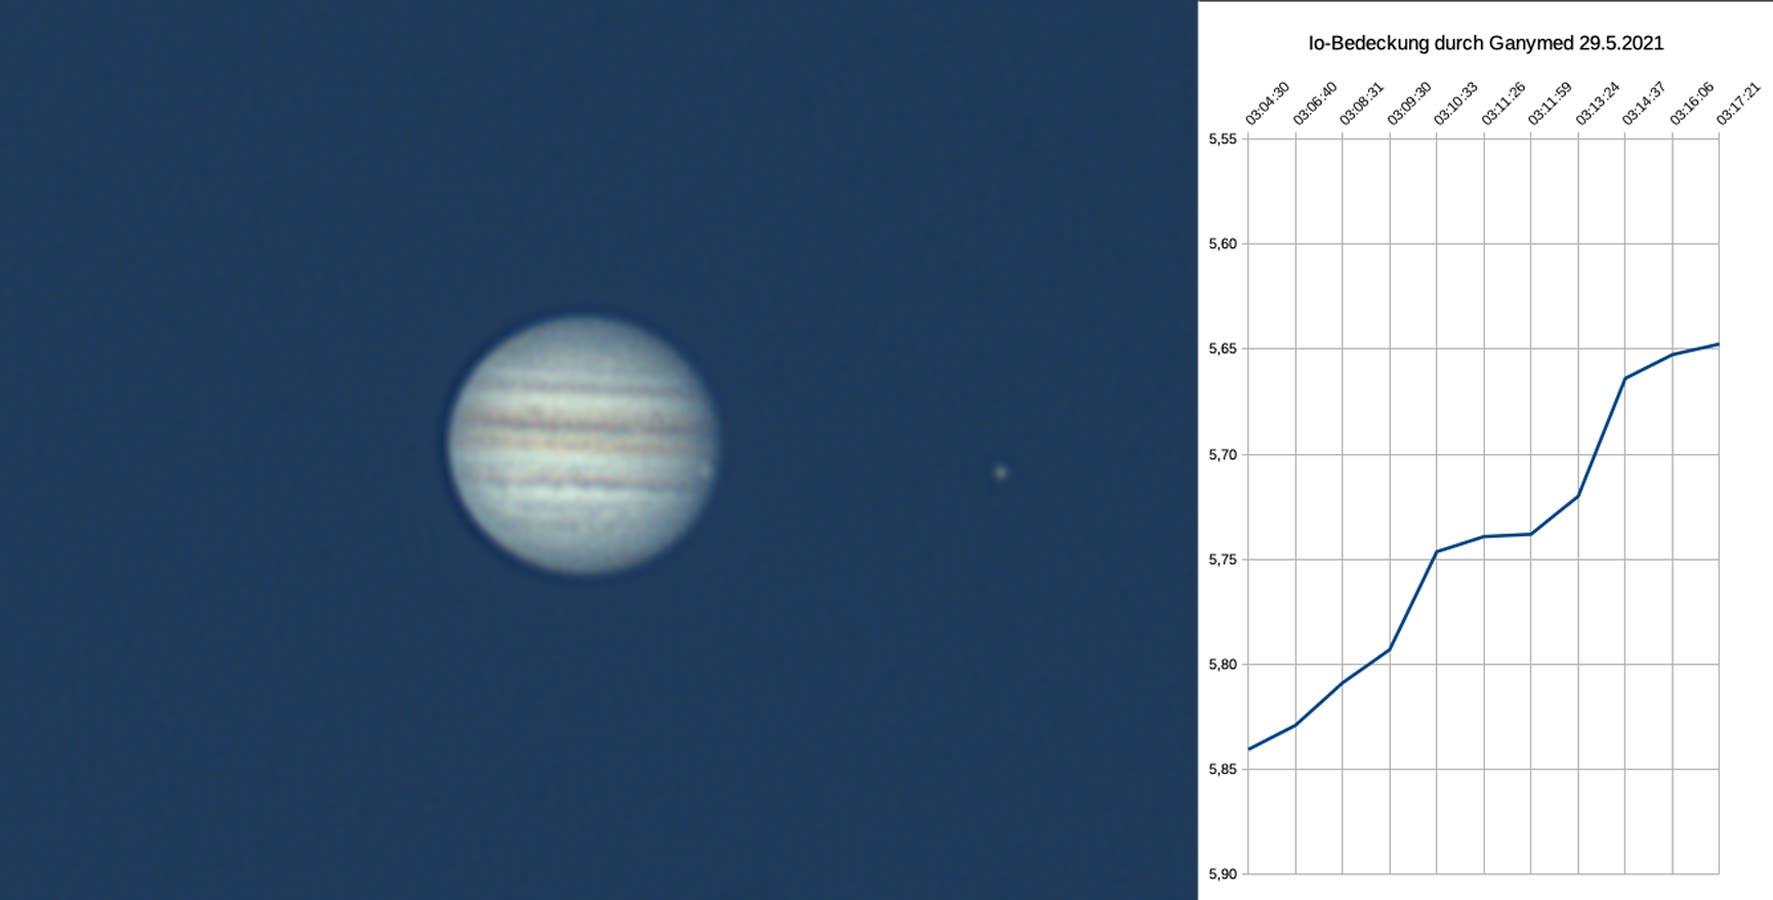 Ganymed wirft seinen Schatten auf Io am 29. Mai 2021